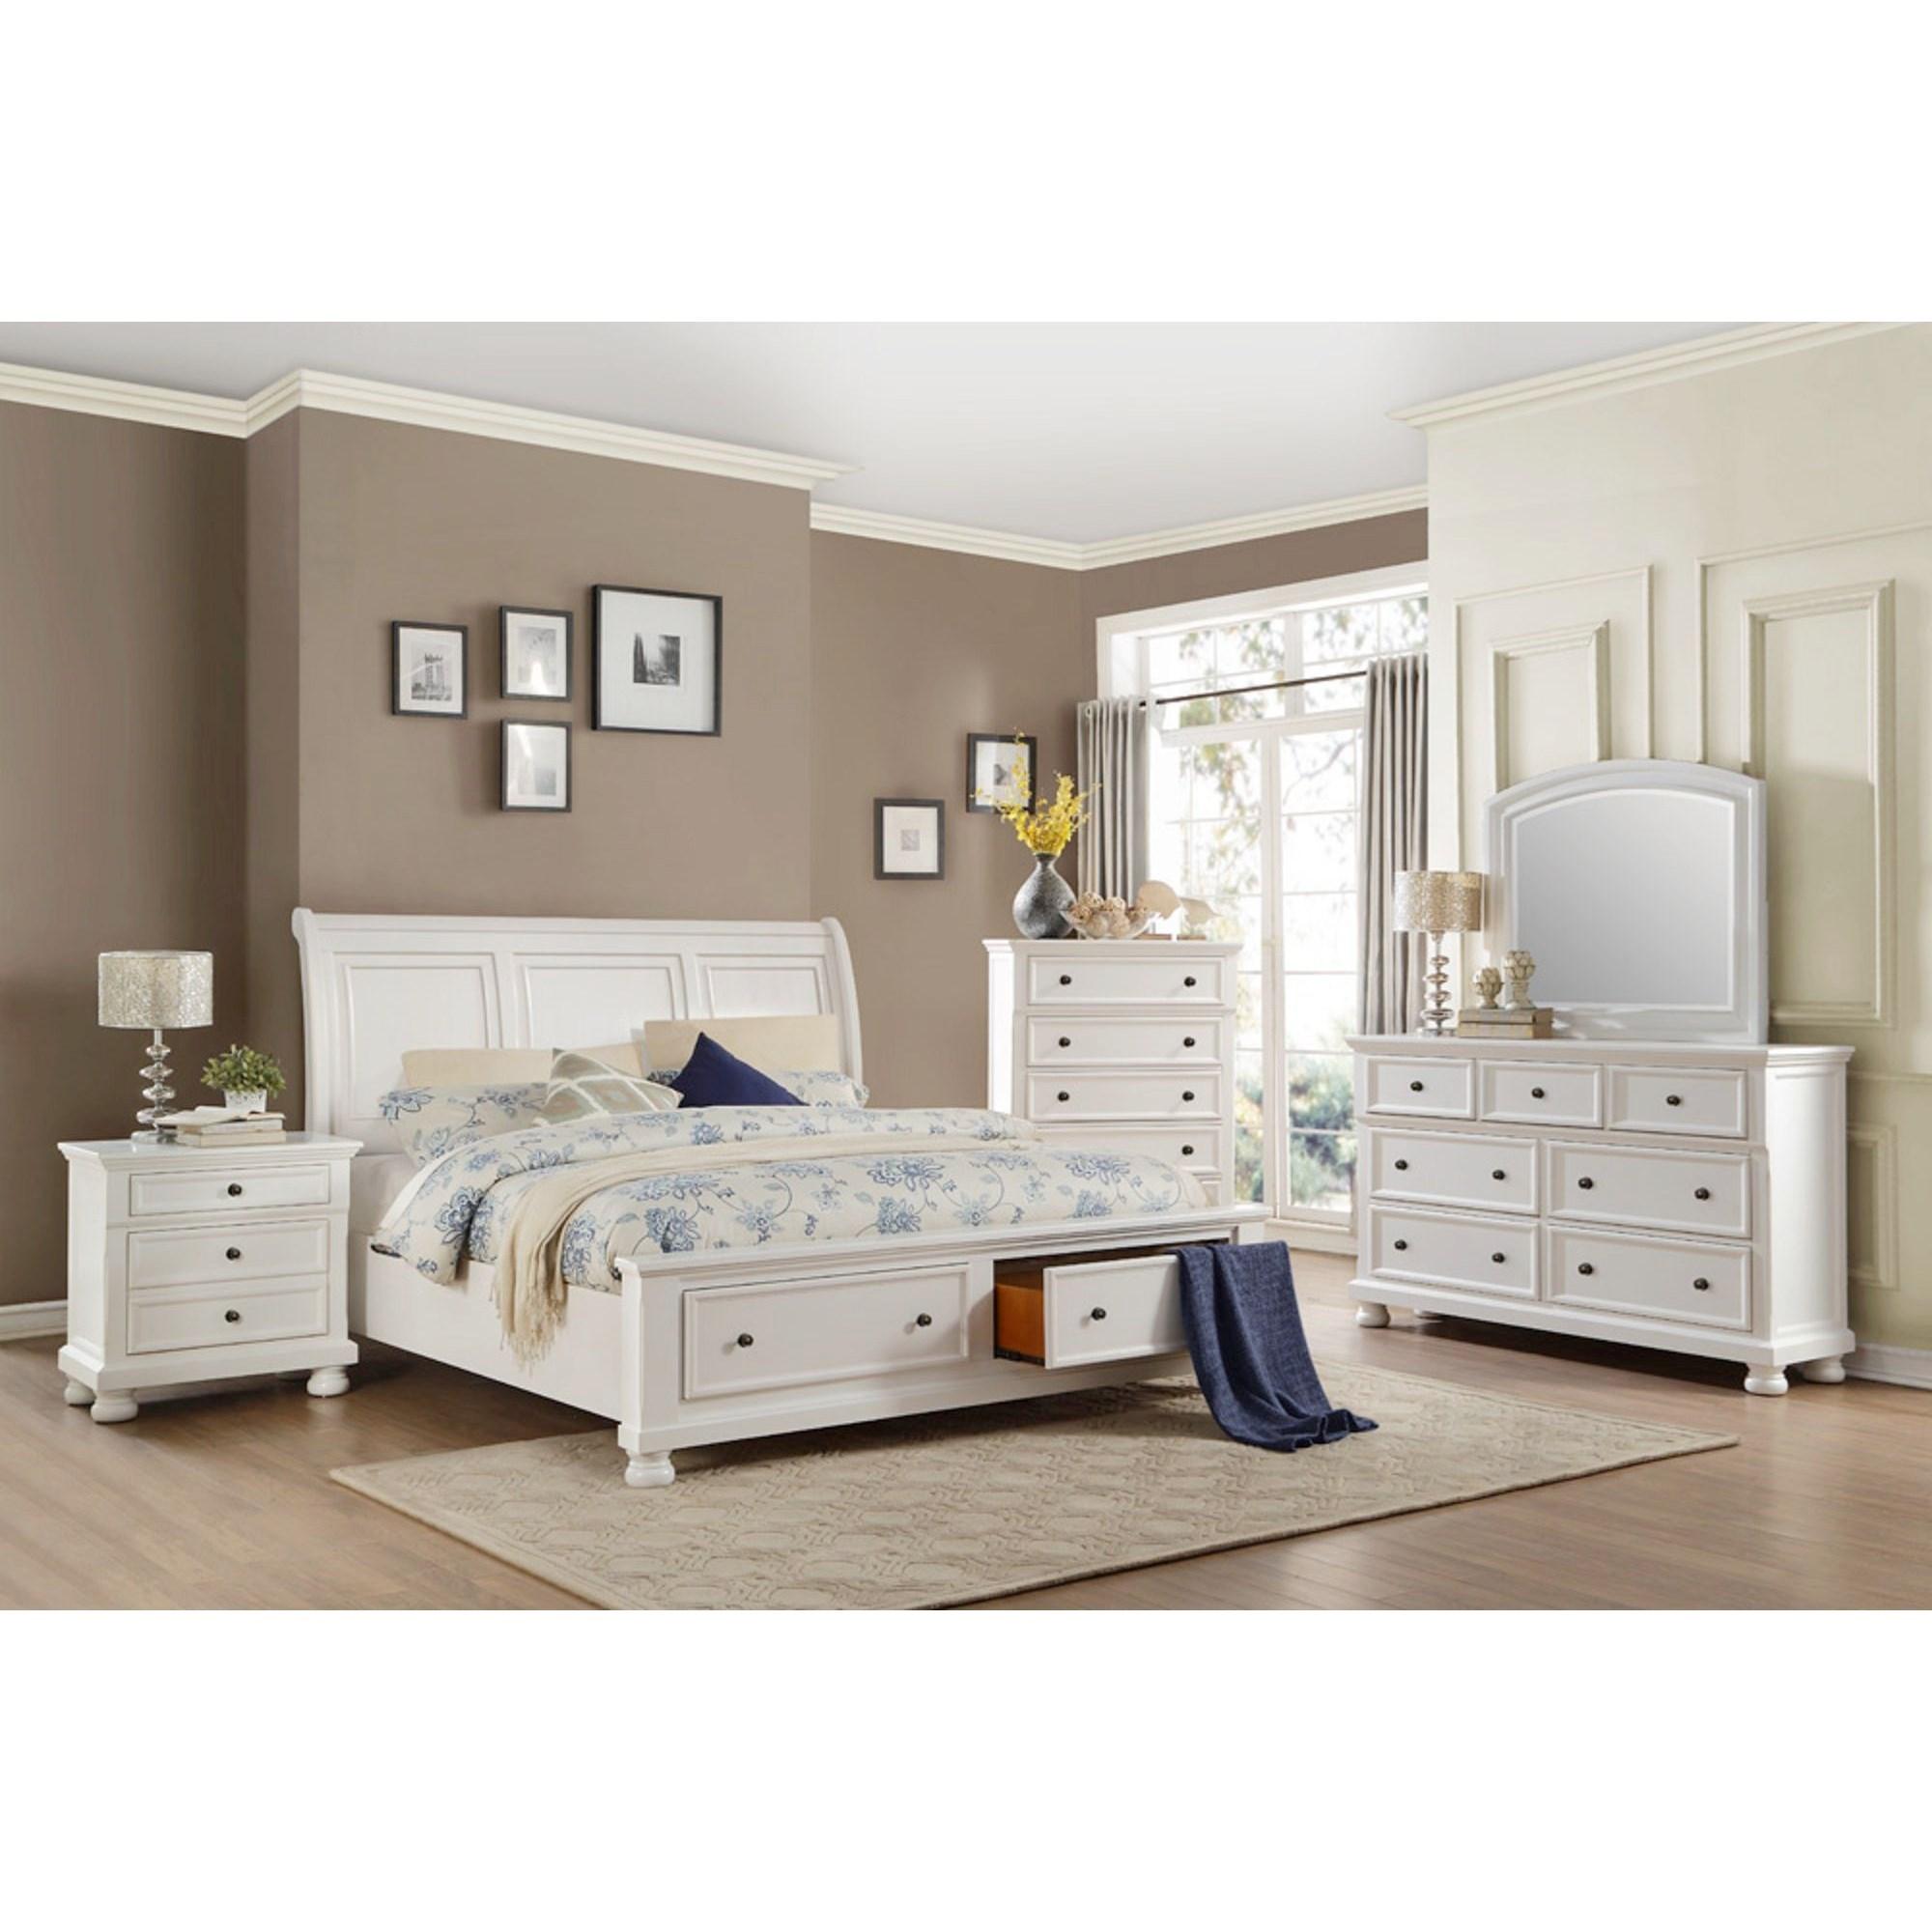 Elegant Furniture: Homelegance Laurelin Transitional Dresser And Mirror